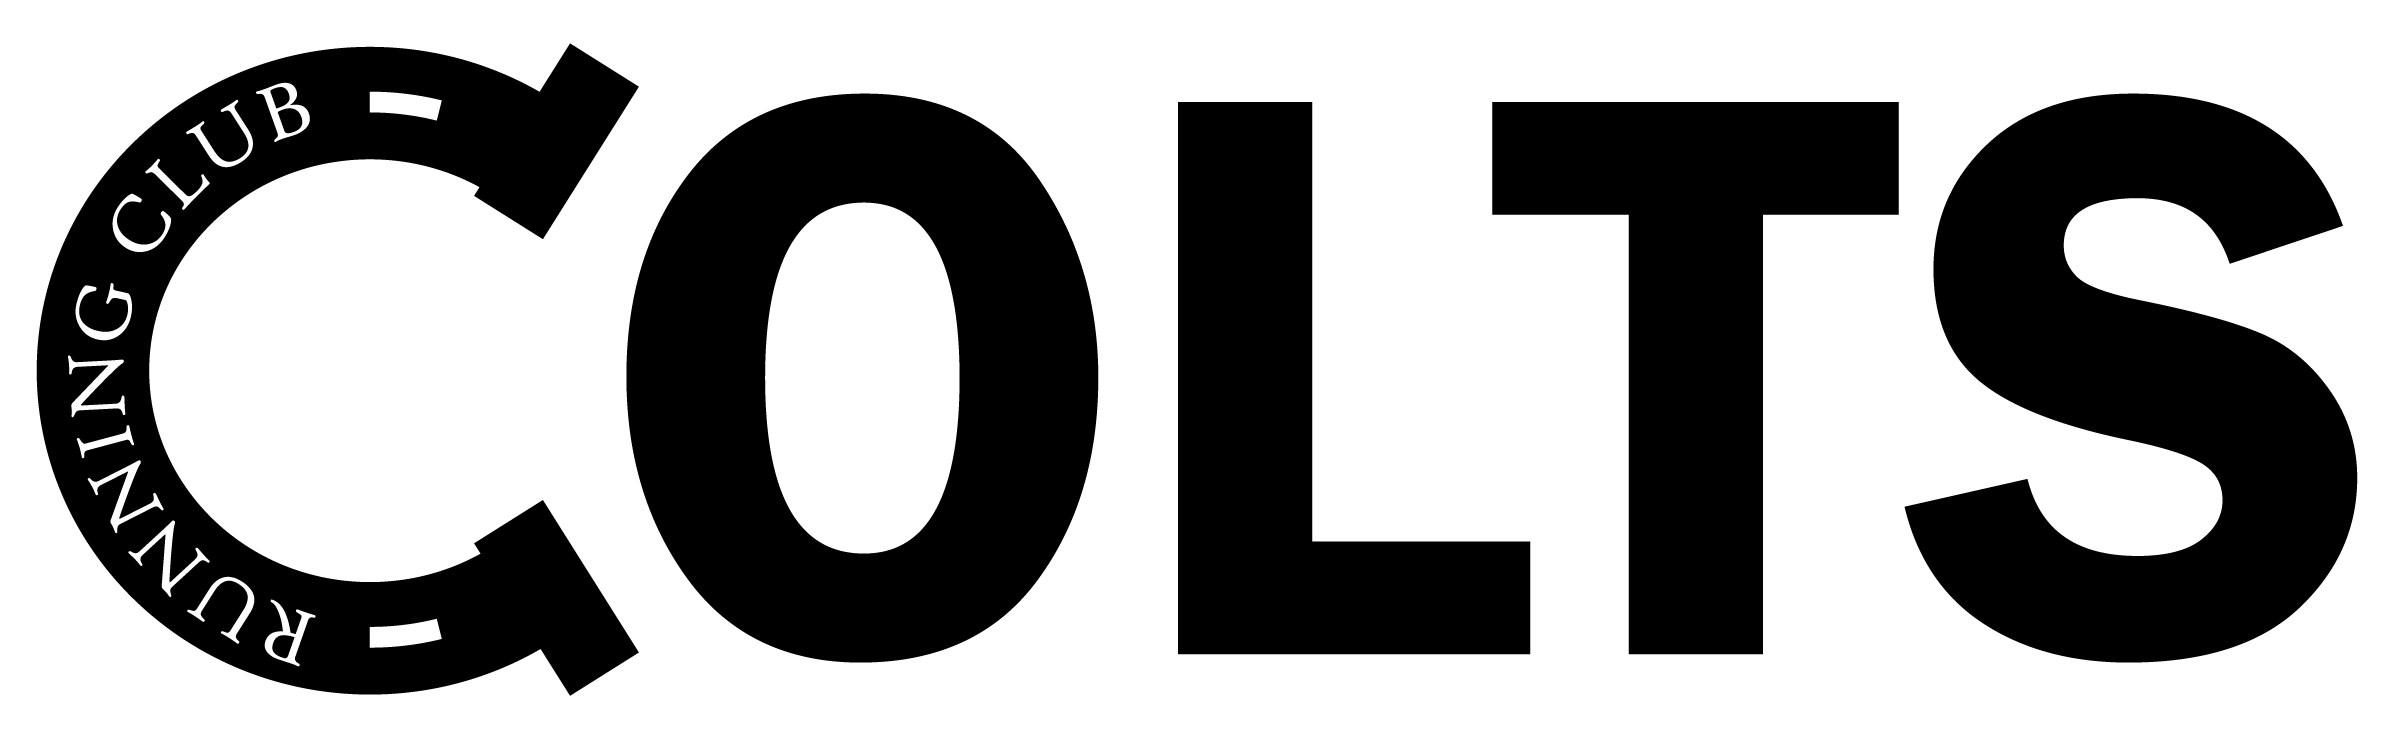 NEW Colt Logo